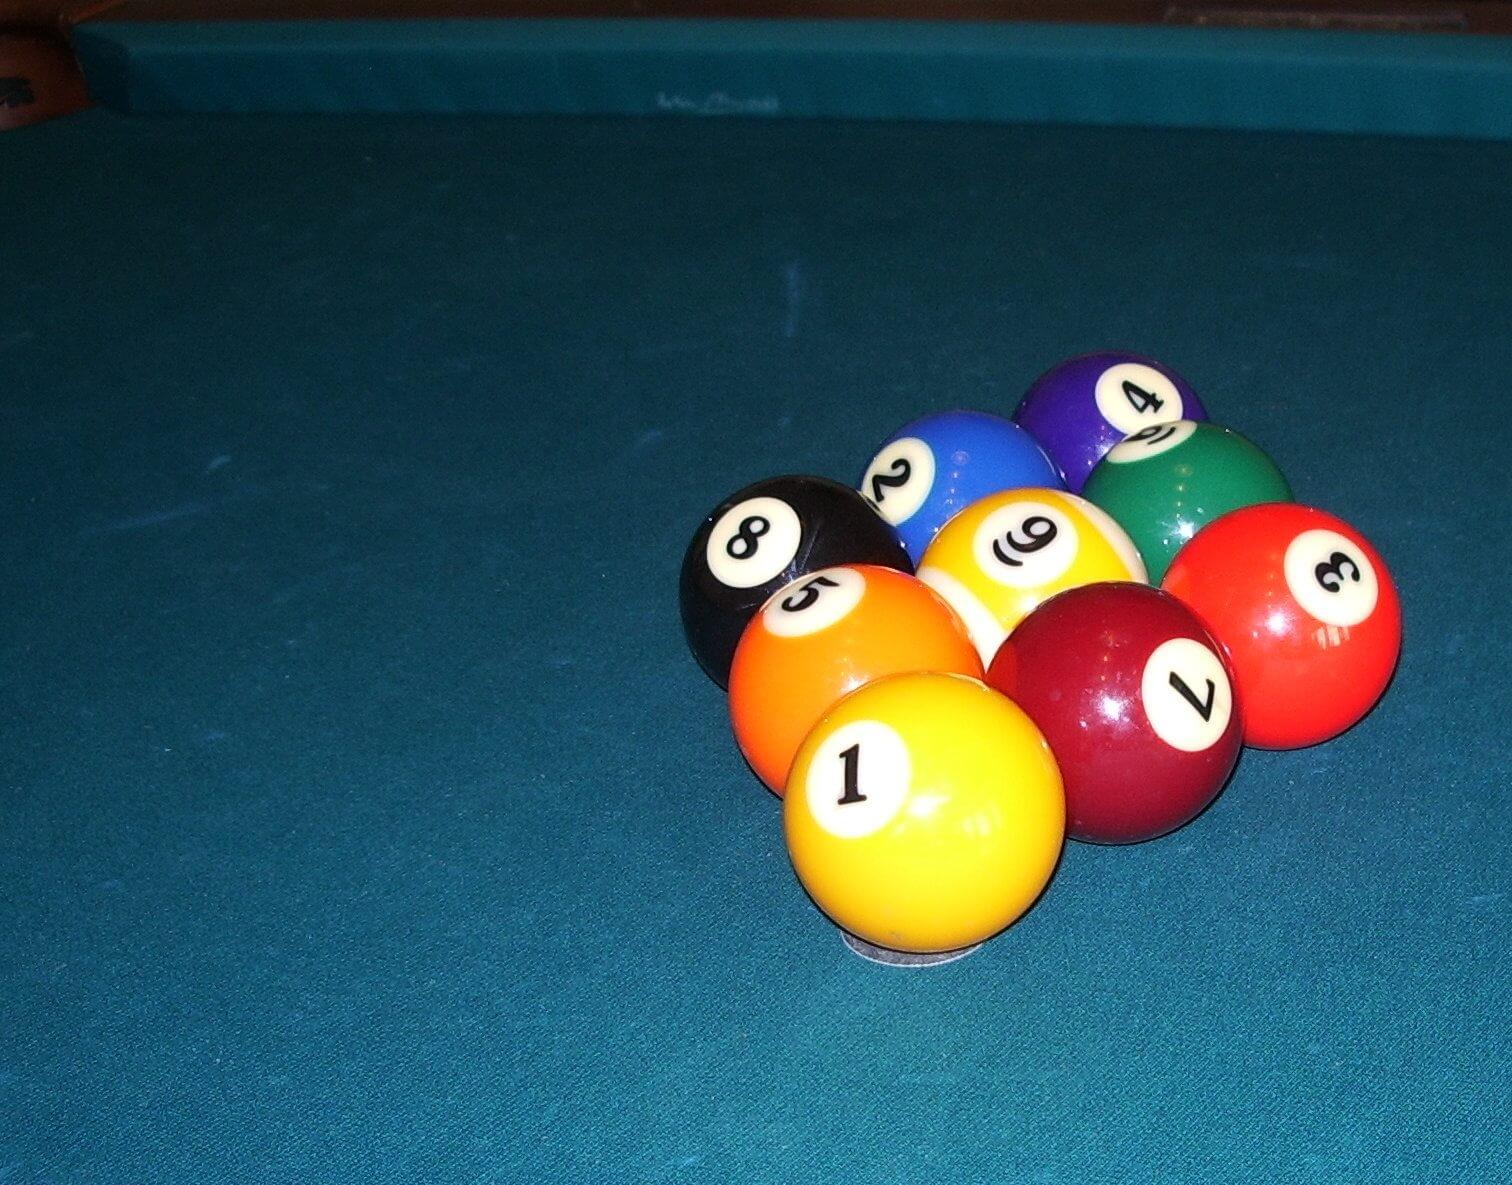 Correct nine ball pool set up